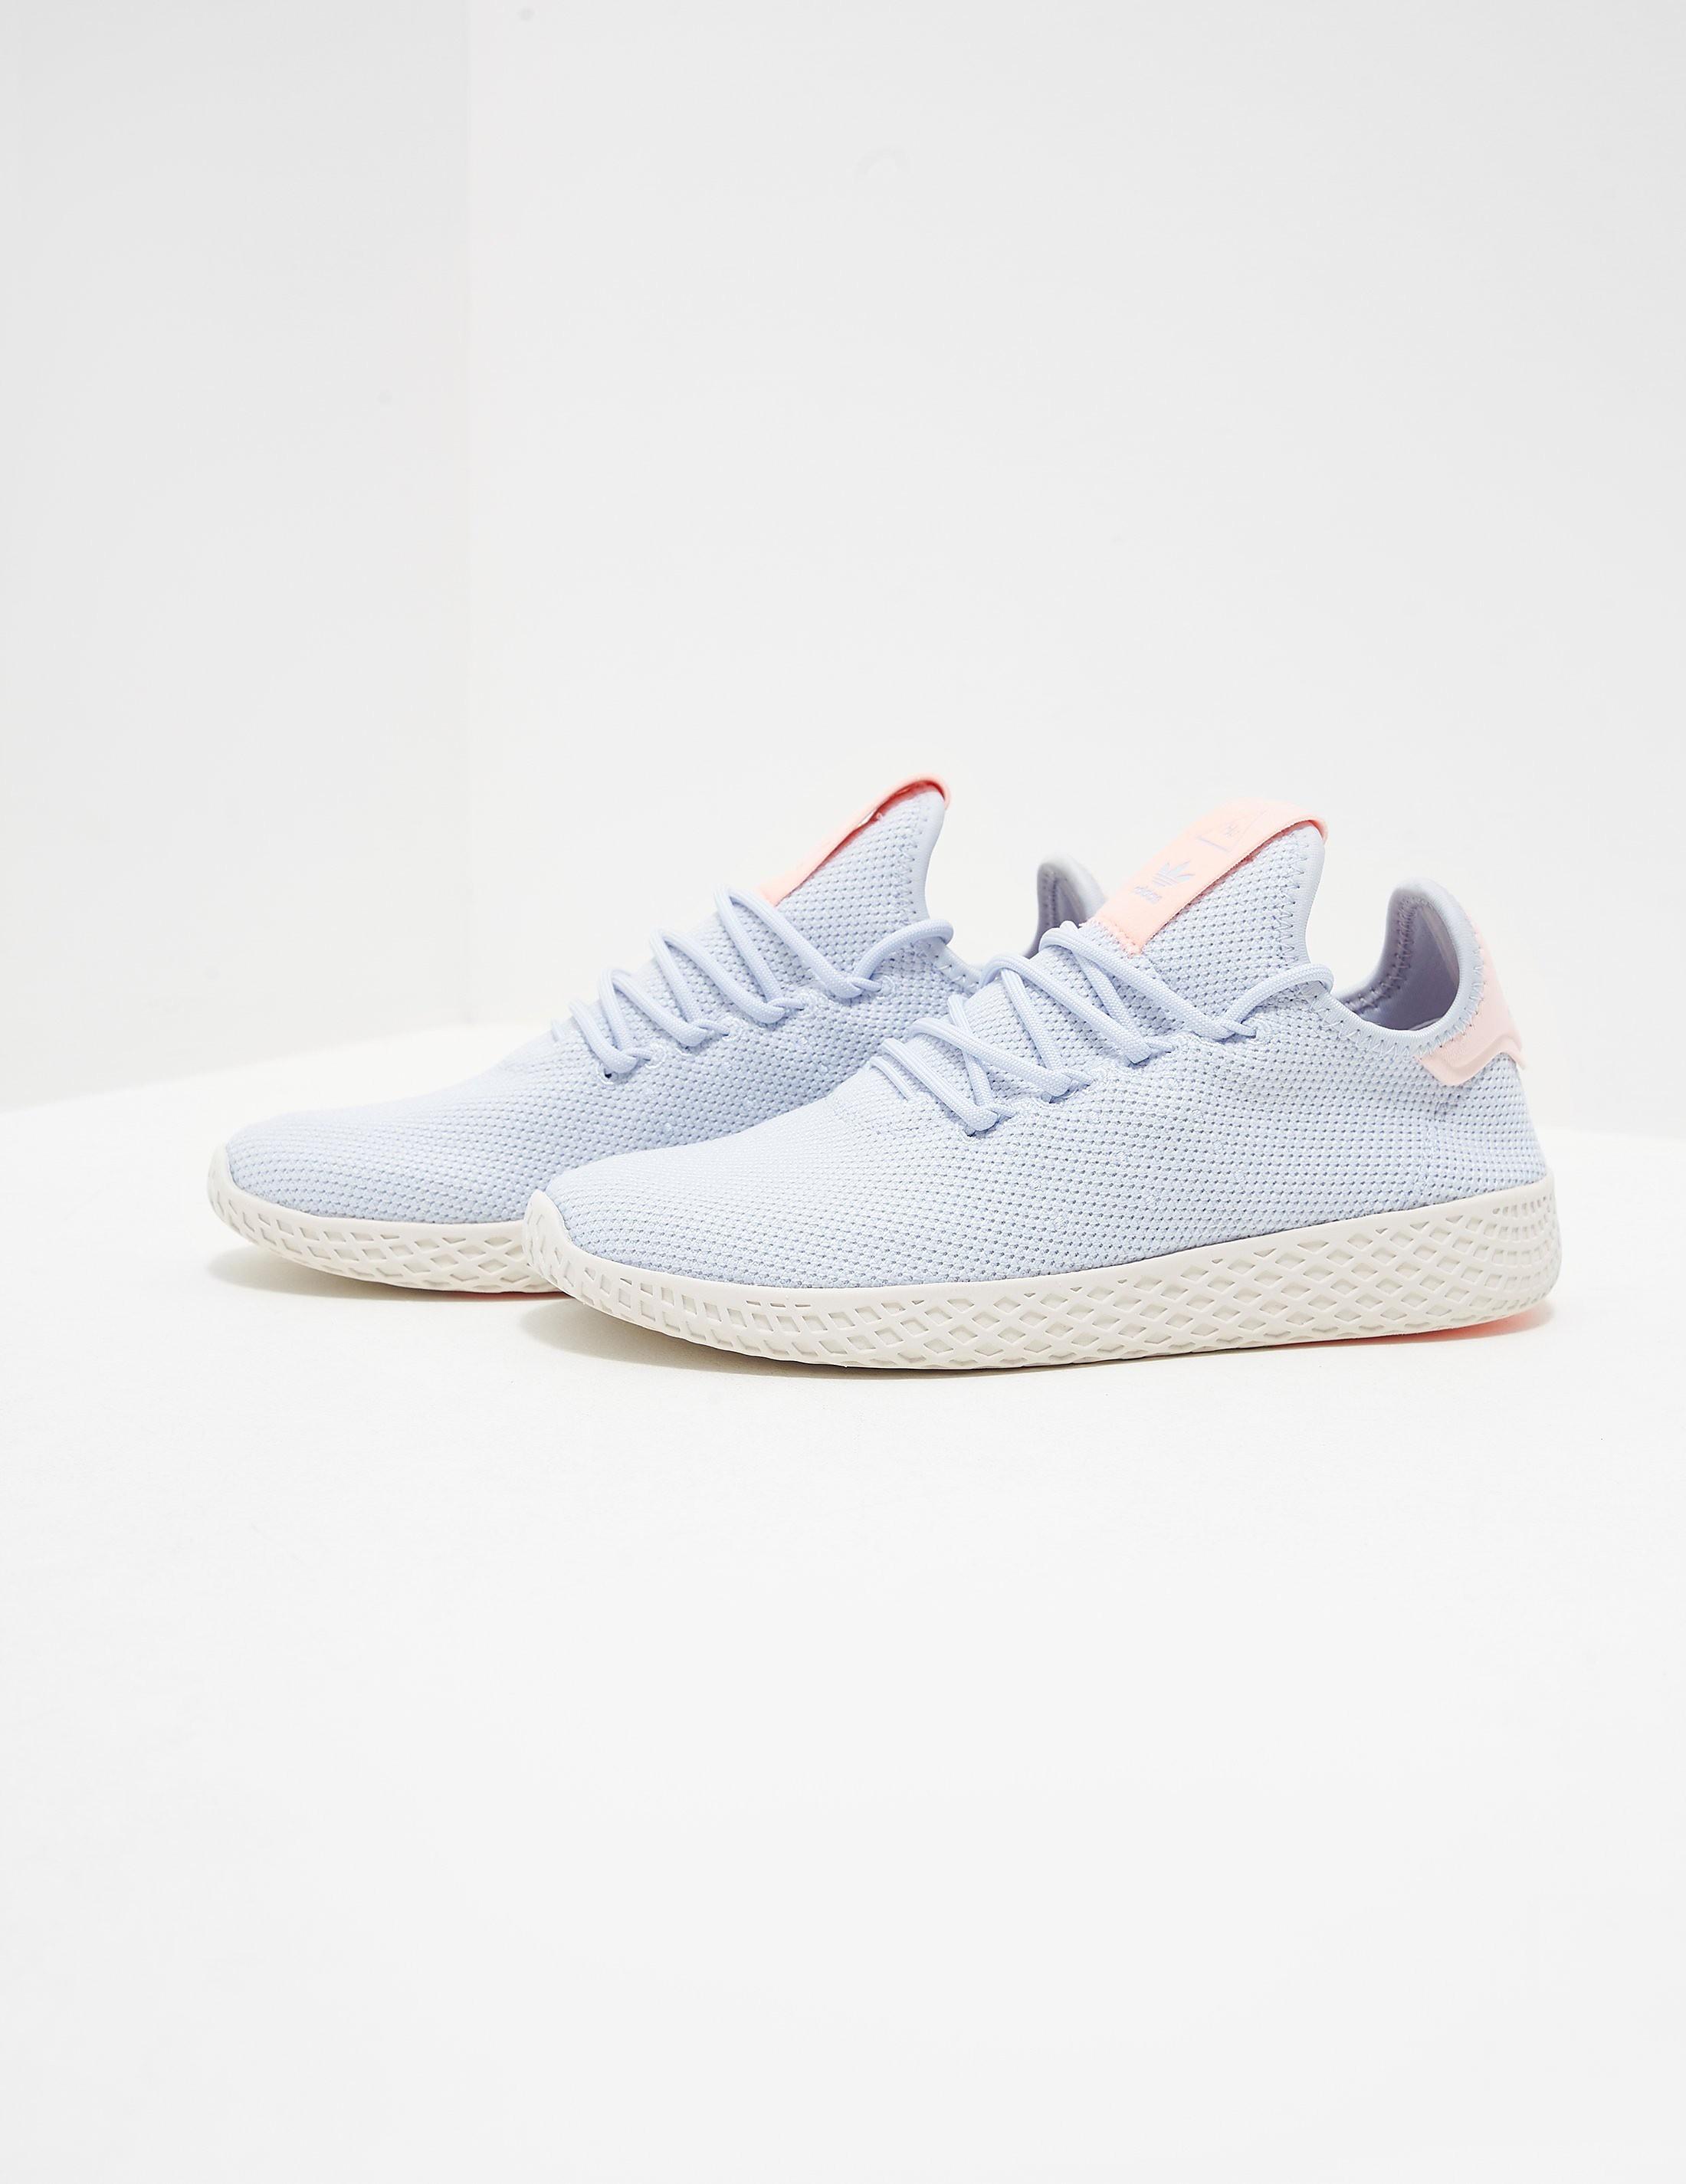 d6ff1b0b2 Womens adidas Originals x Pharrell Williams Tennis HU Trainers Blue ...